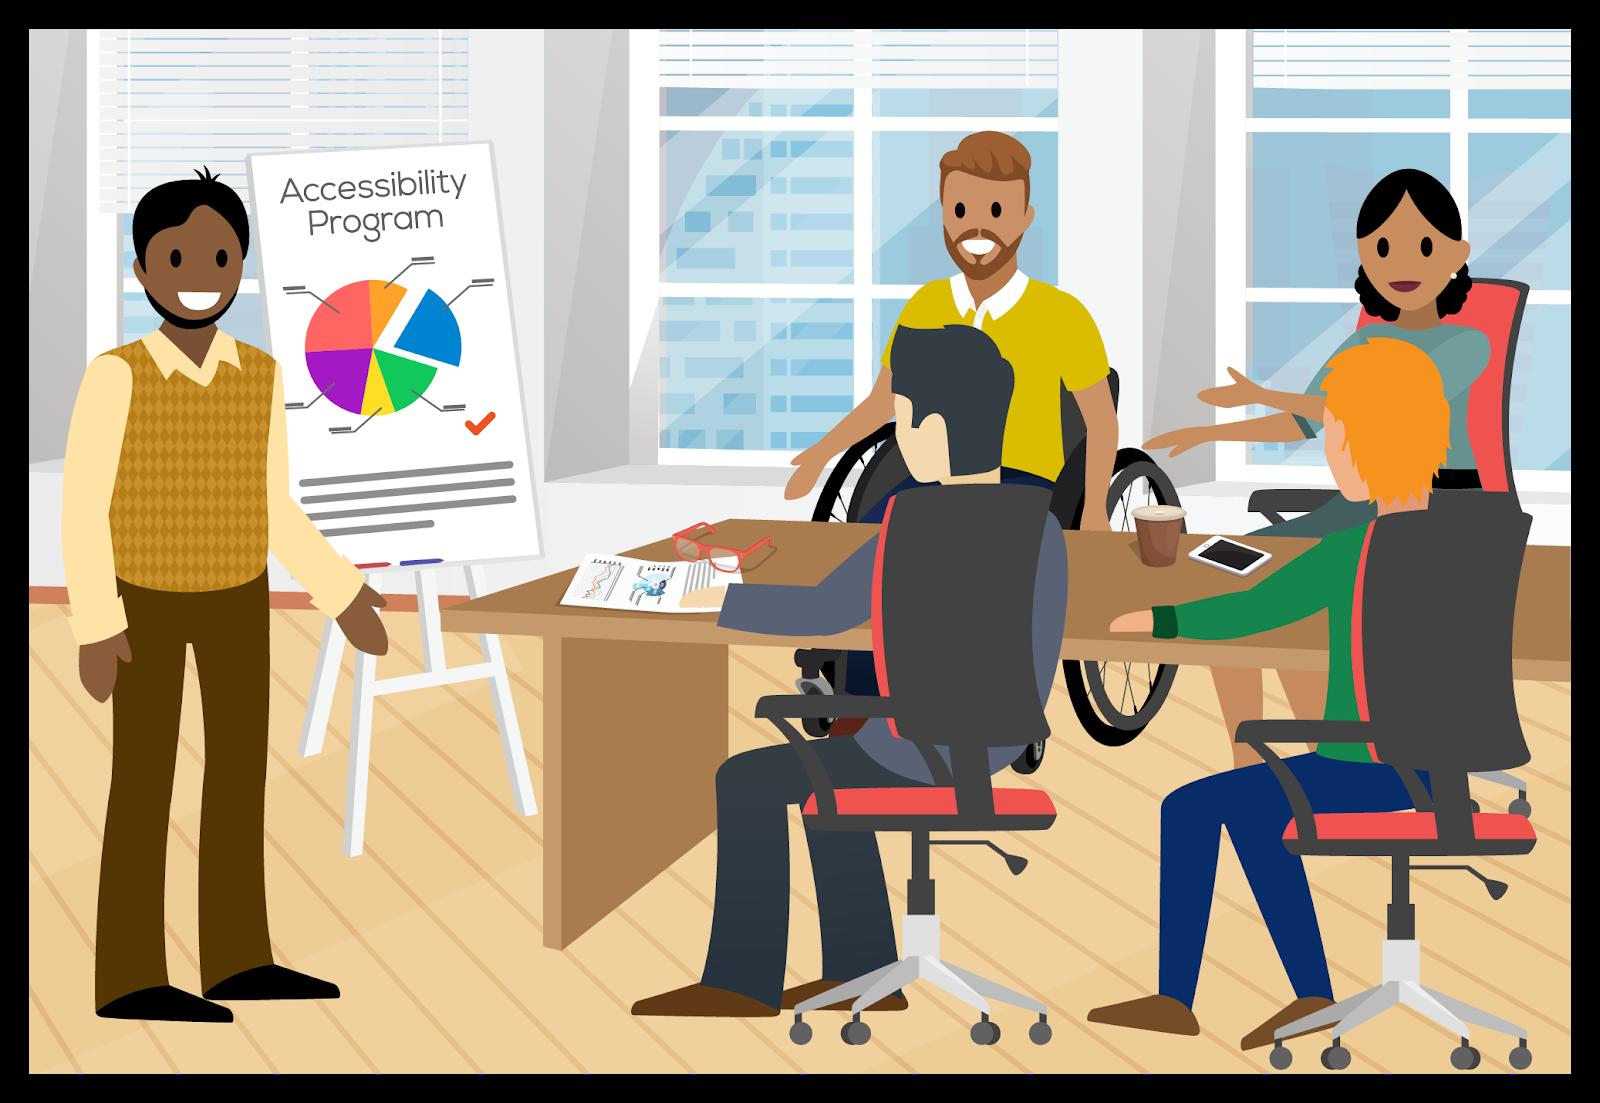 """Grupo de 5 pessoas com um apresentador dialogando na frente de um quadro que diz """"Programa de acessibilidade""""."""